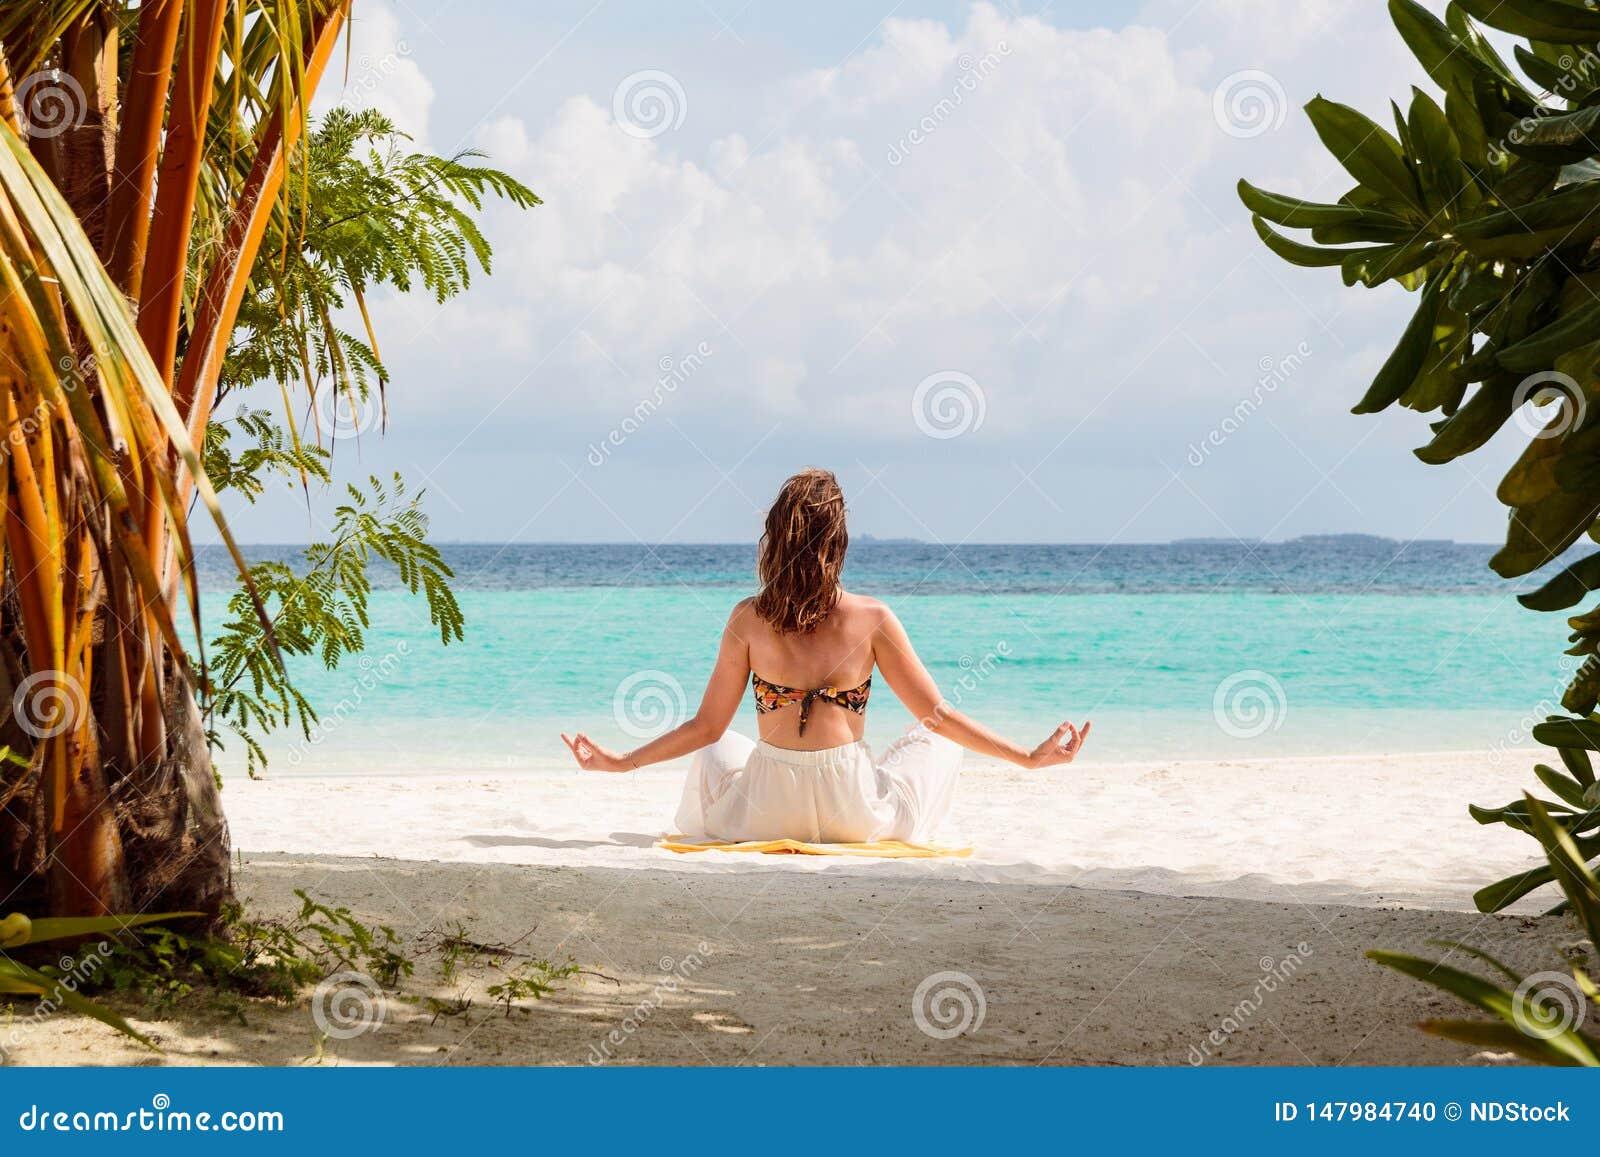 Εικόνα από την πλάτη μιας νέας γυναίκας που σε μια παραλία στις Μαλδίβες